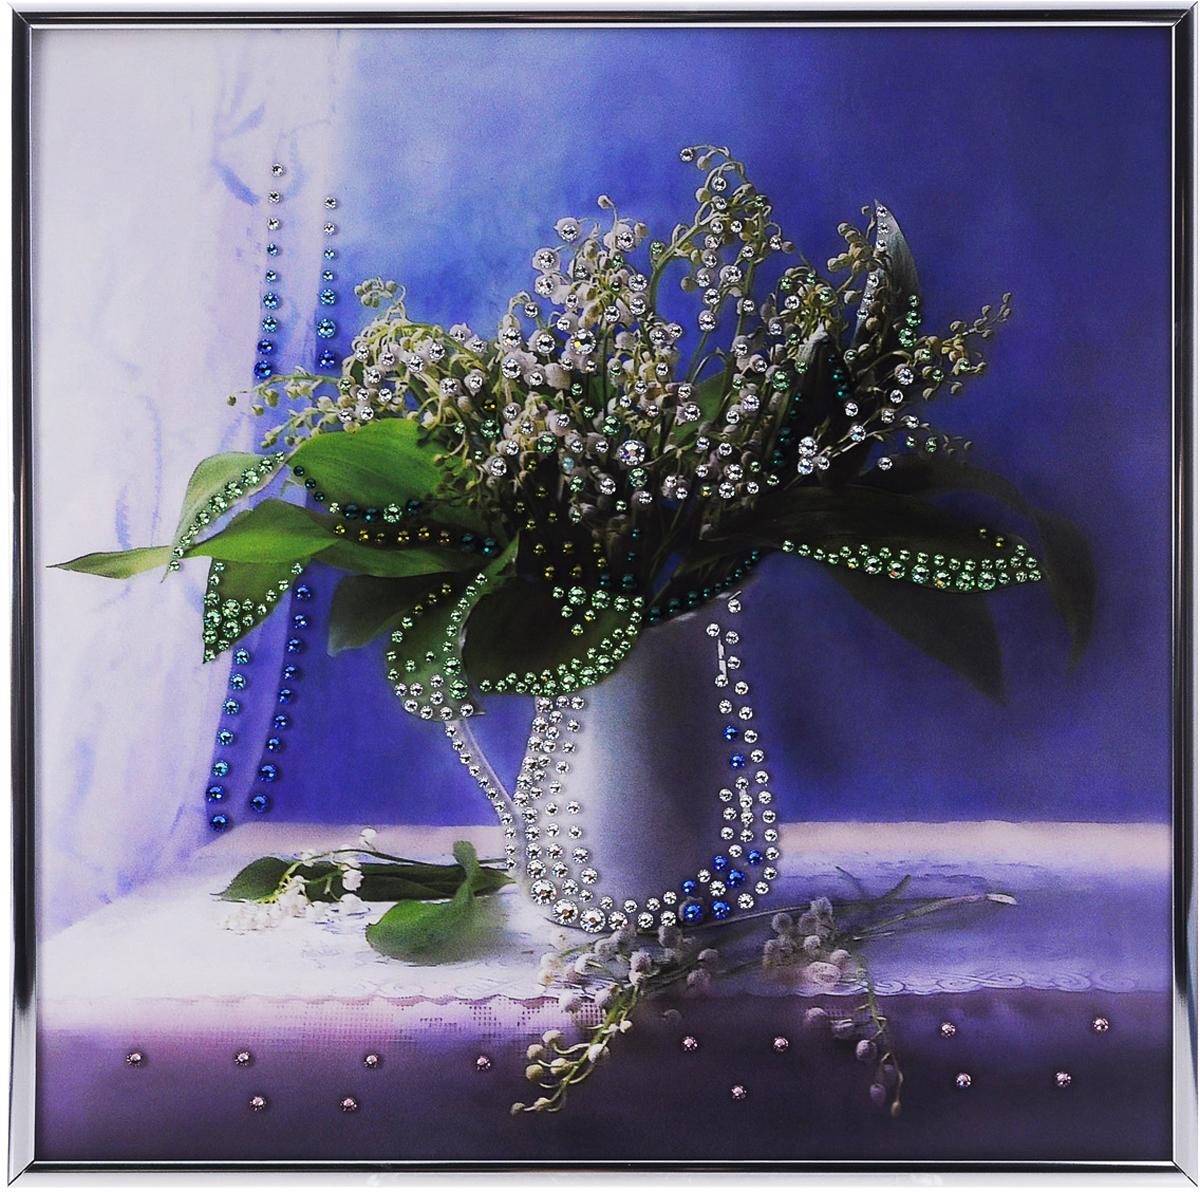 Картина с кристаллами Swarovski Ландыши, 30 см х 30 см1192Изящная картина в металлической раме, инкрустирована кристаллами Swarovski, которые отличаются четкой и ровной огранкой, ярким блеском и чистотой цвета. С обратной стороны имеется металлическая петелька для размещения картины на стене.Картина с кристаллами Swarovski элегантно украсит интерьер дома или офиса, а также станет прекрасным подарком, который обязательно понравится получателю. Блеск кристаллов в интерьере, что может быть сказочнее и удивительнее.Картина упакована в подарочную картонную коробку синего цвета и комплектуется сертификатом соответствия Swarovski. Количество кристаллов: 392.